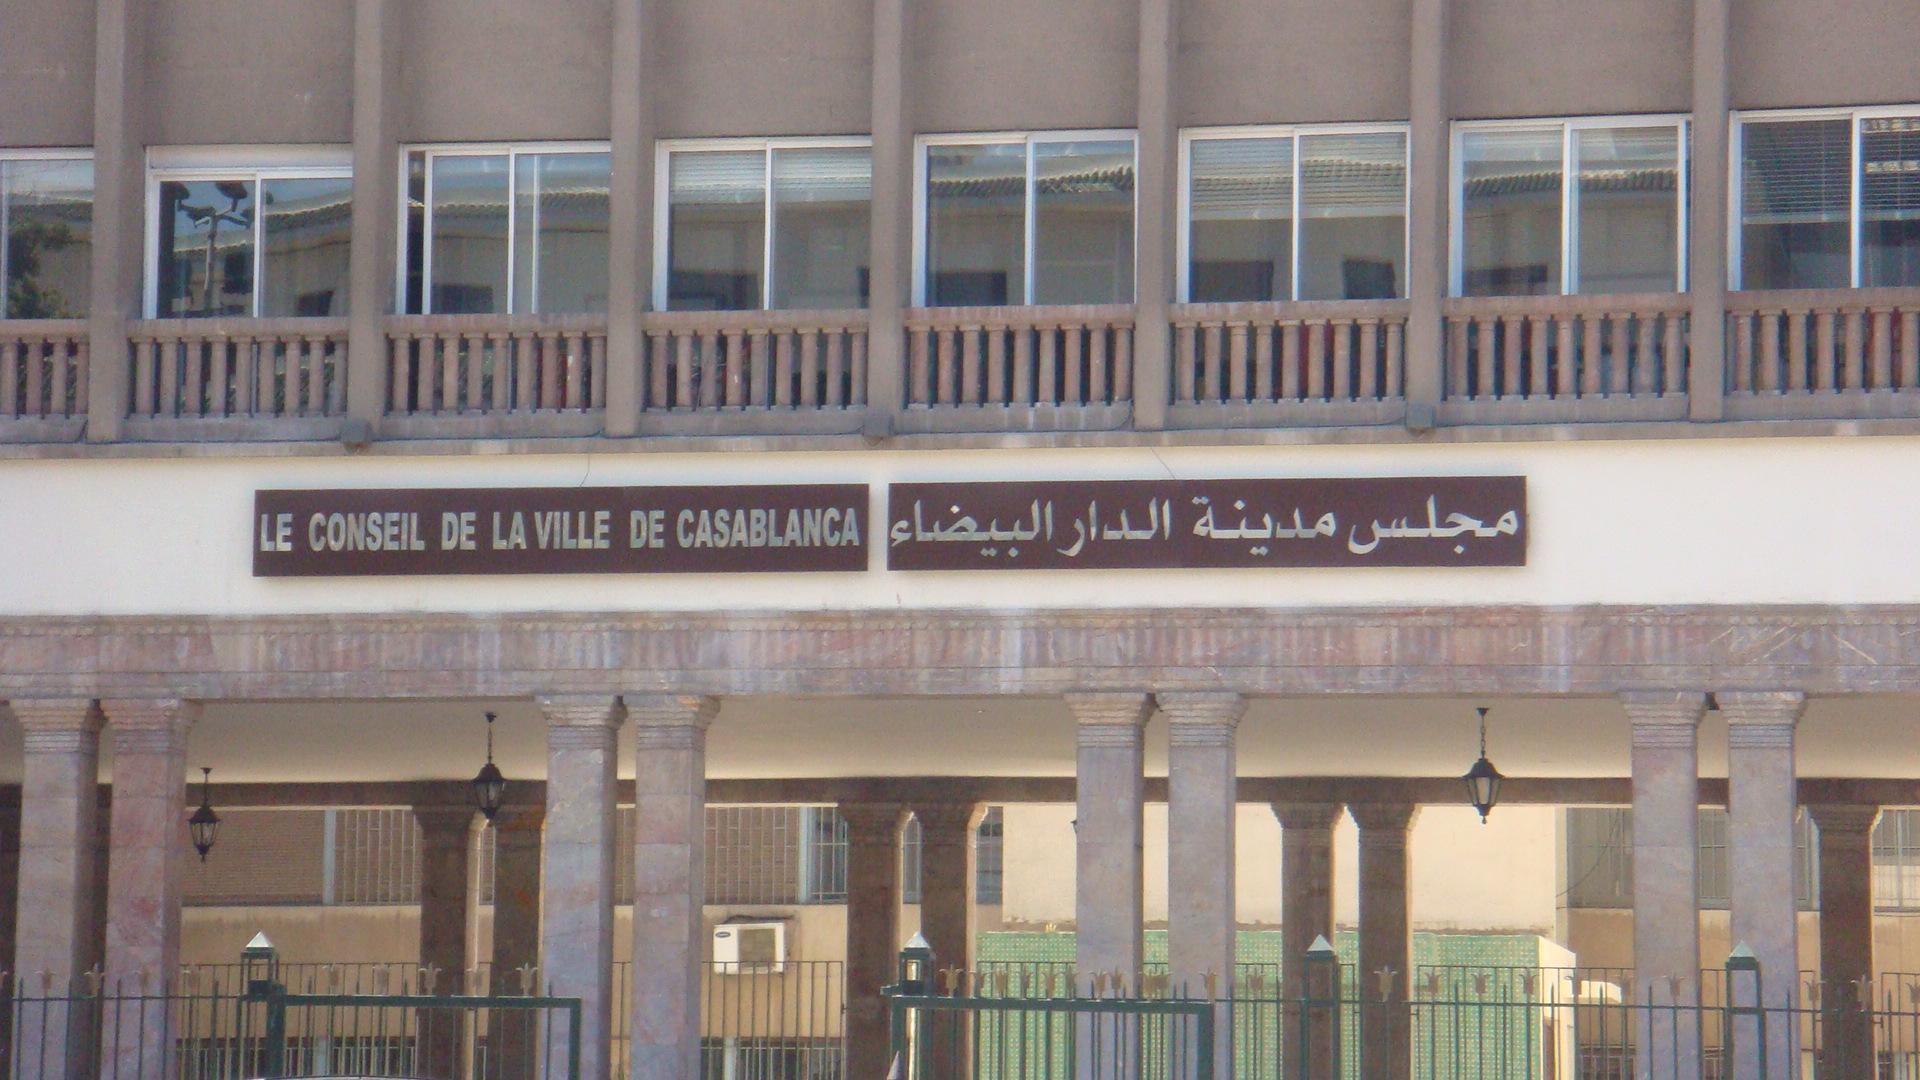 مجلس البيضاء عاجز عن استخلاص 360 مليارا من الضرائب العالقة بذمة شركات ومقاولات تجارية